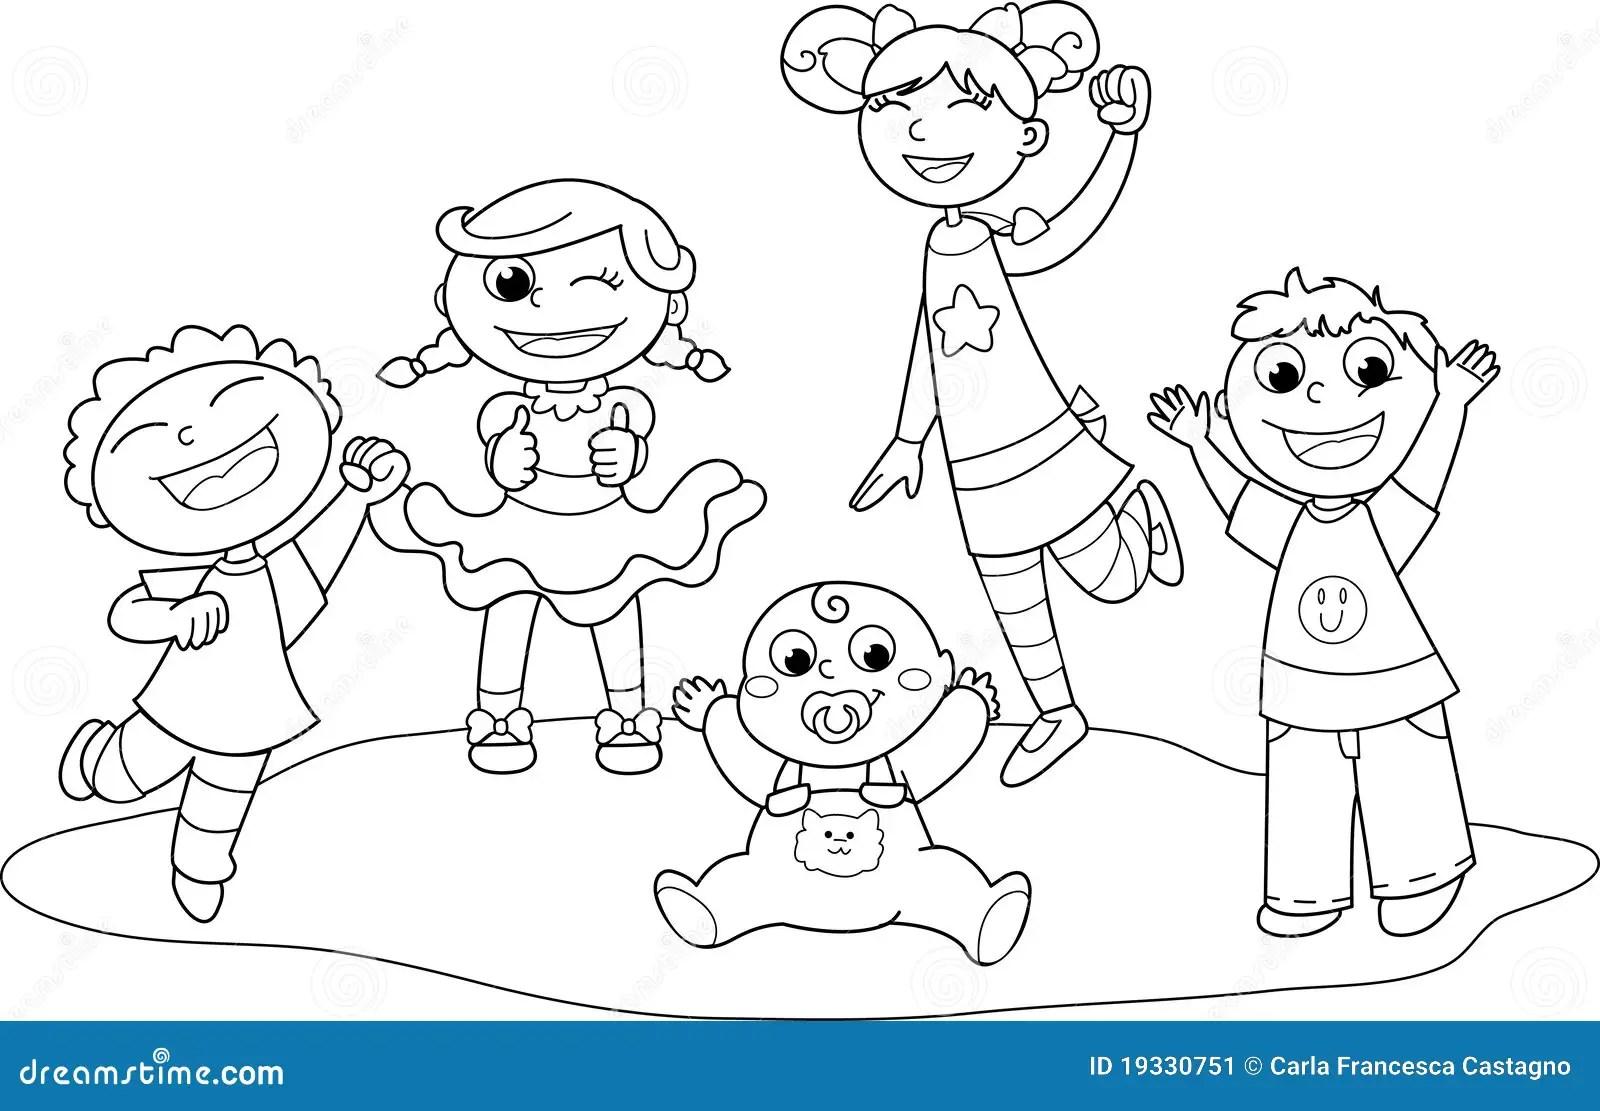 Funf Gluckliche Kinder Vektor Abbildung Illustration Von